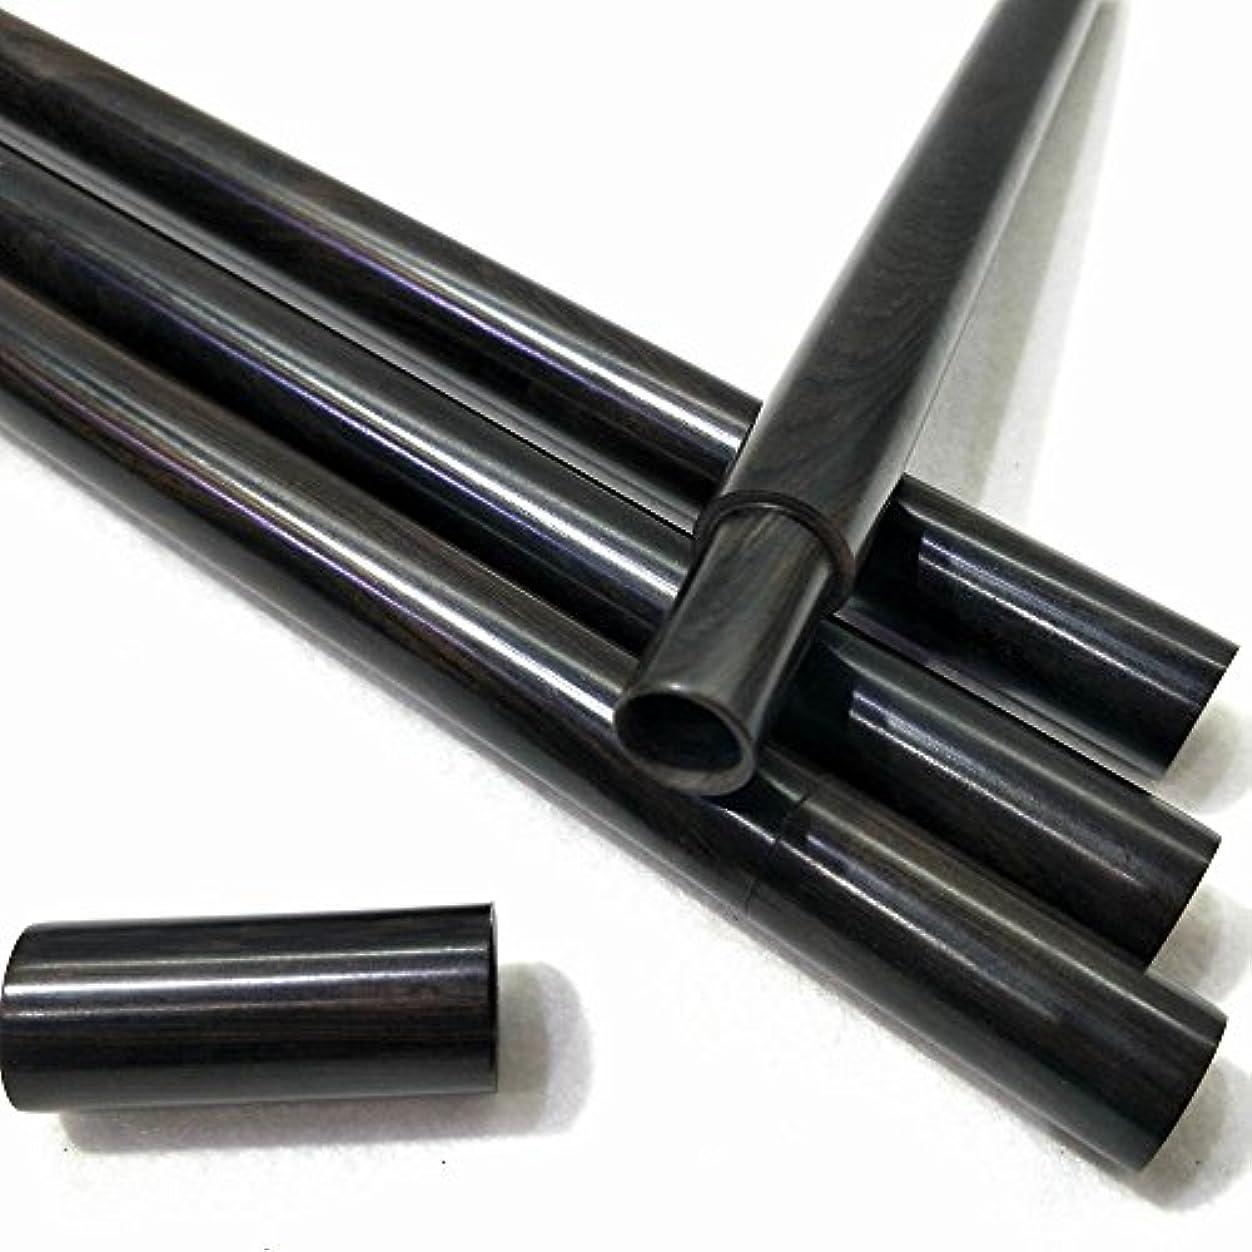 エチケットホット放棄する黑檀モッコウ筒棒香瀋香収納管 10g線香管